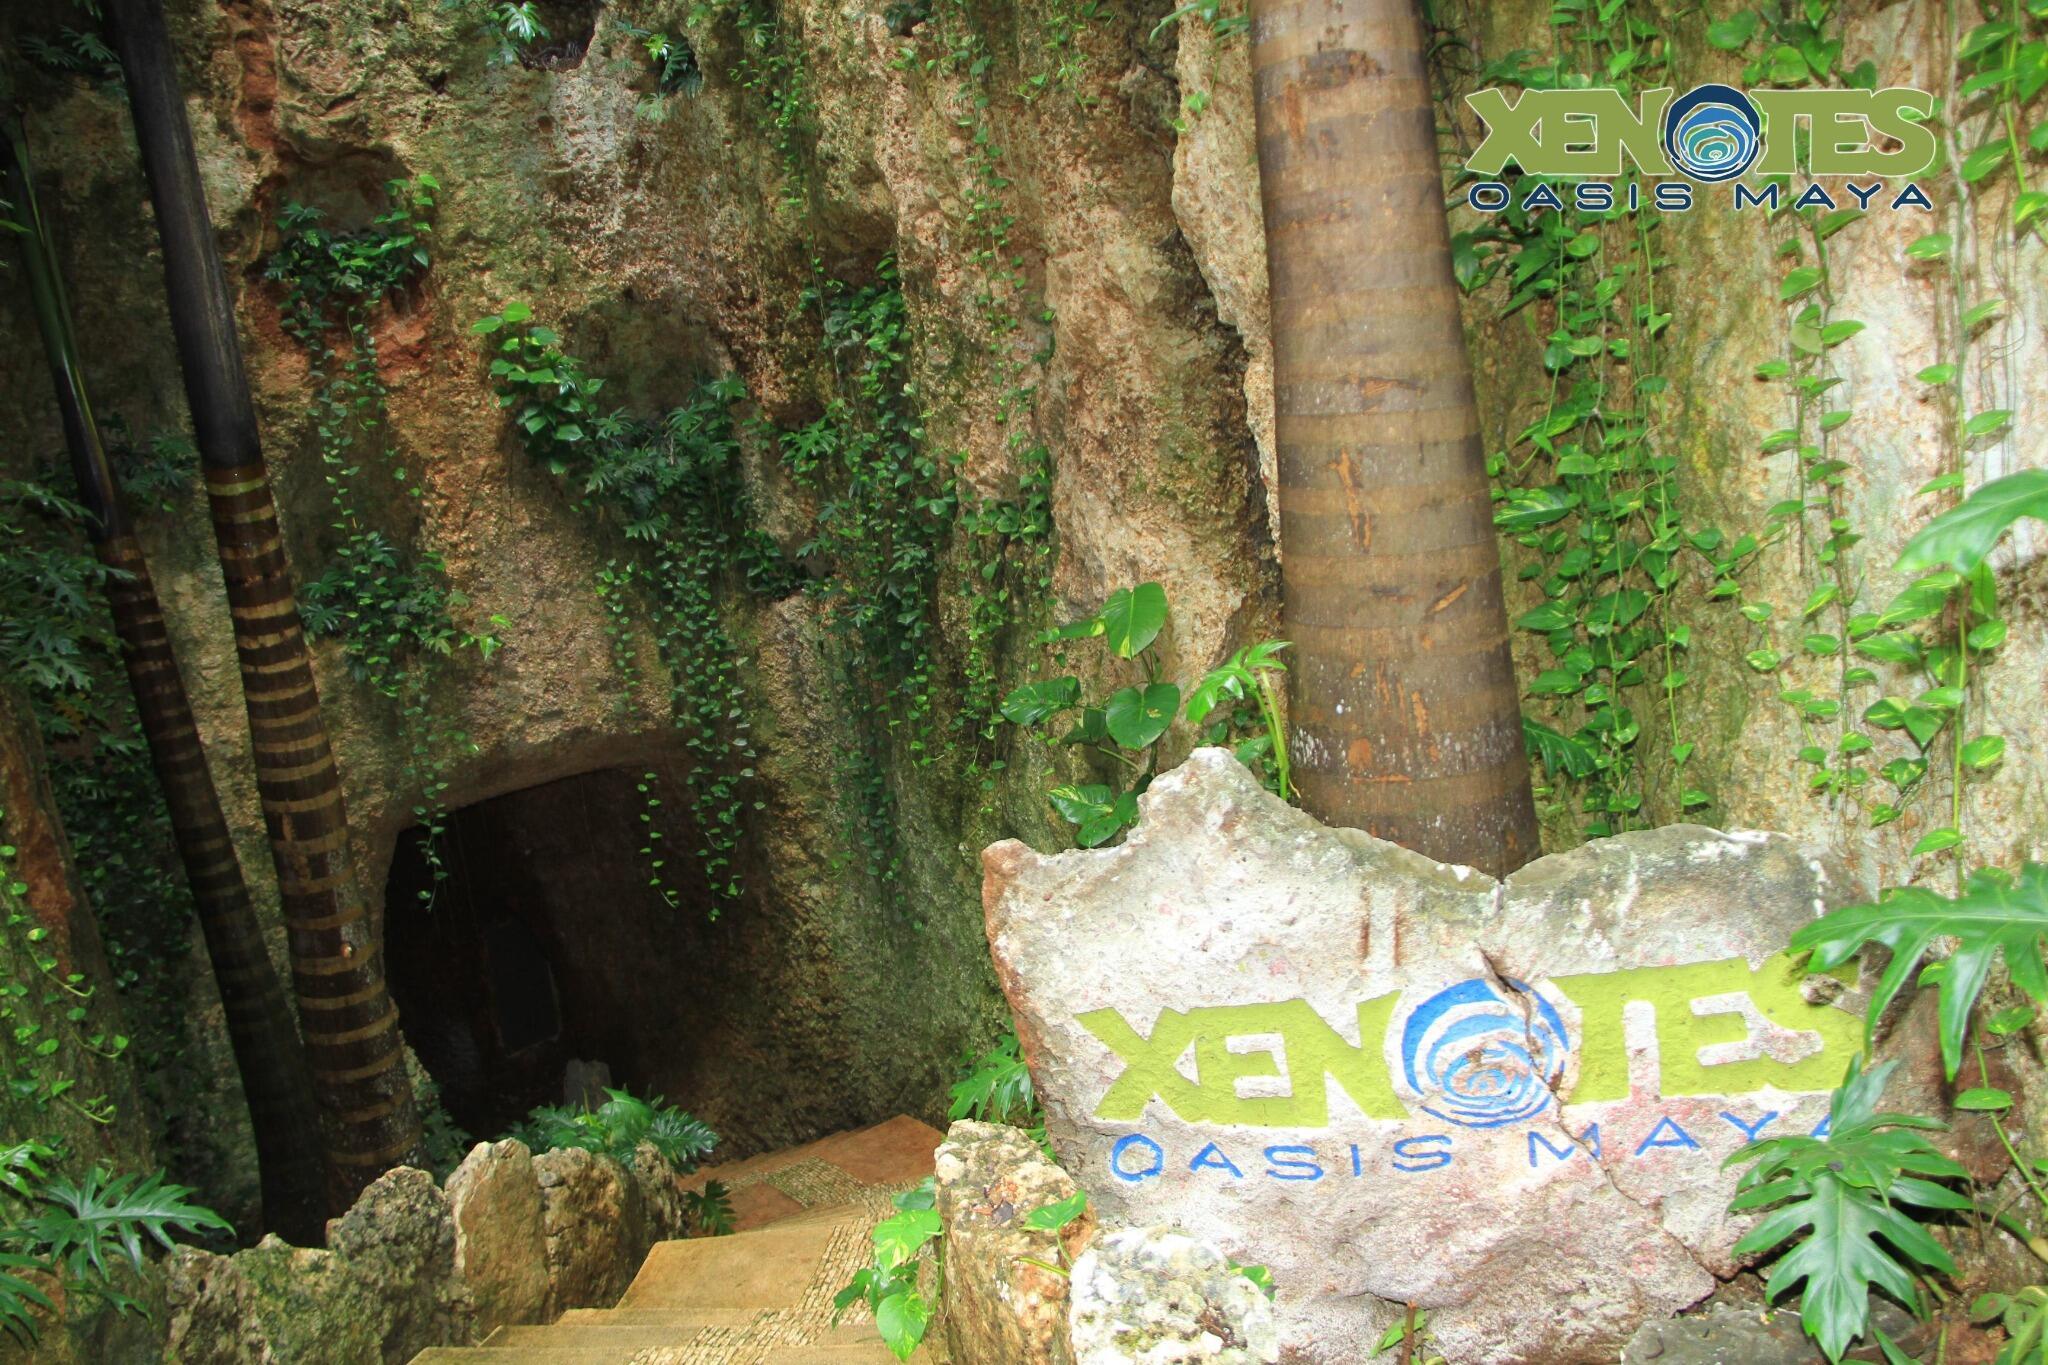 Los cenotes eran entradas al inframundo para los mayas. ¿Has estado en un cenote de tipo caverna? #OasisMaya http://t.co/BKgTgK4C7b